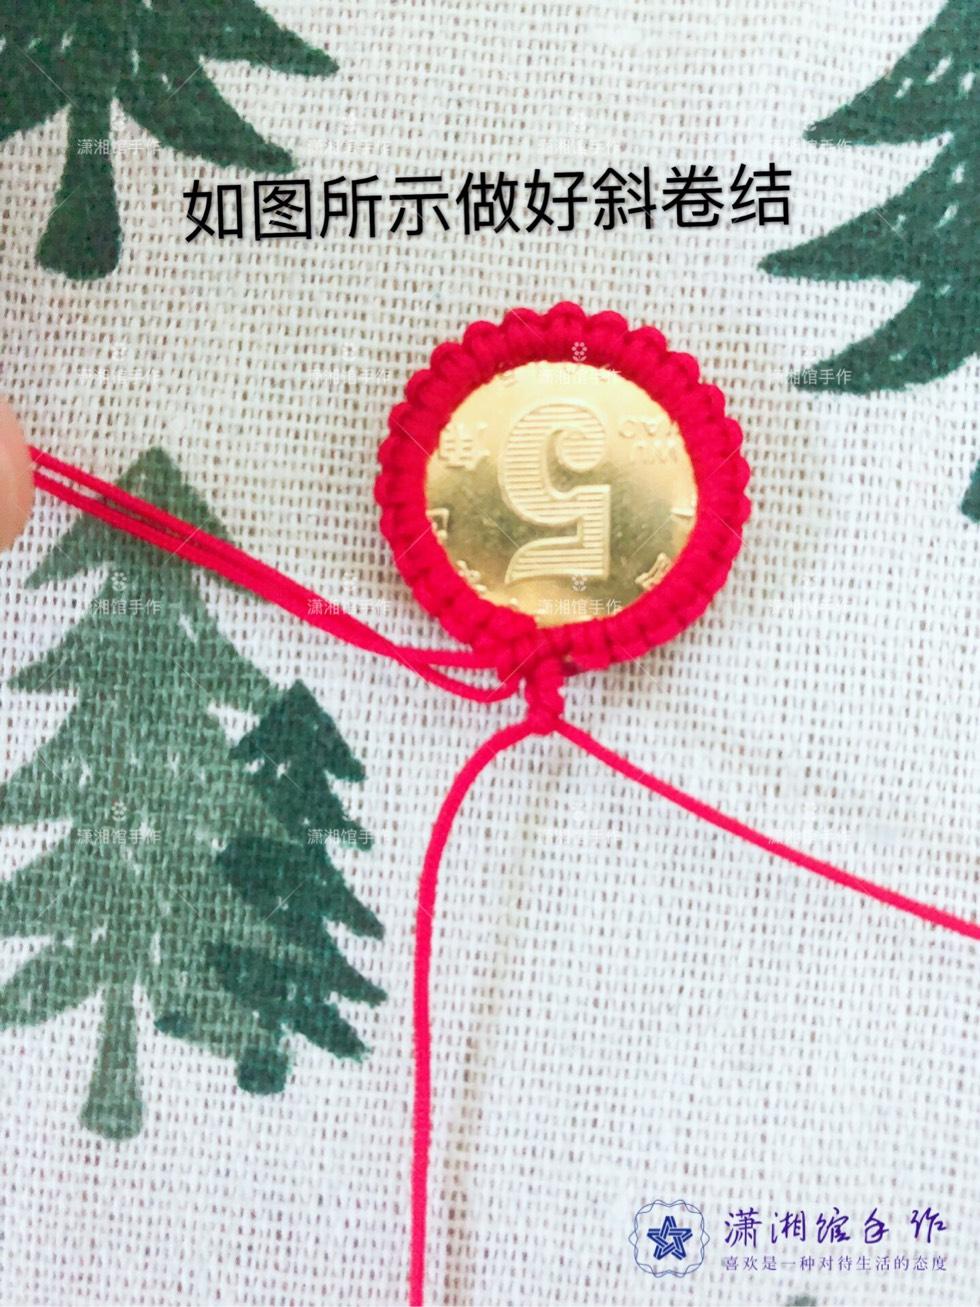 中国结论坛 硬币挂件天使翅膀钥匙扣教程  图文教程区 170104yczh4v4ufhcqw0v4